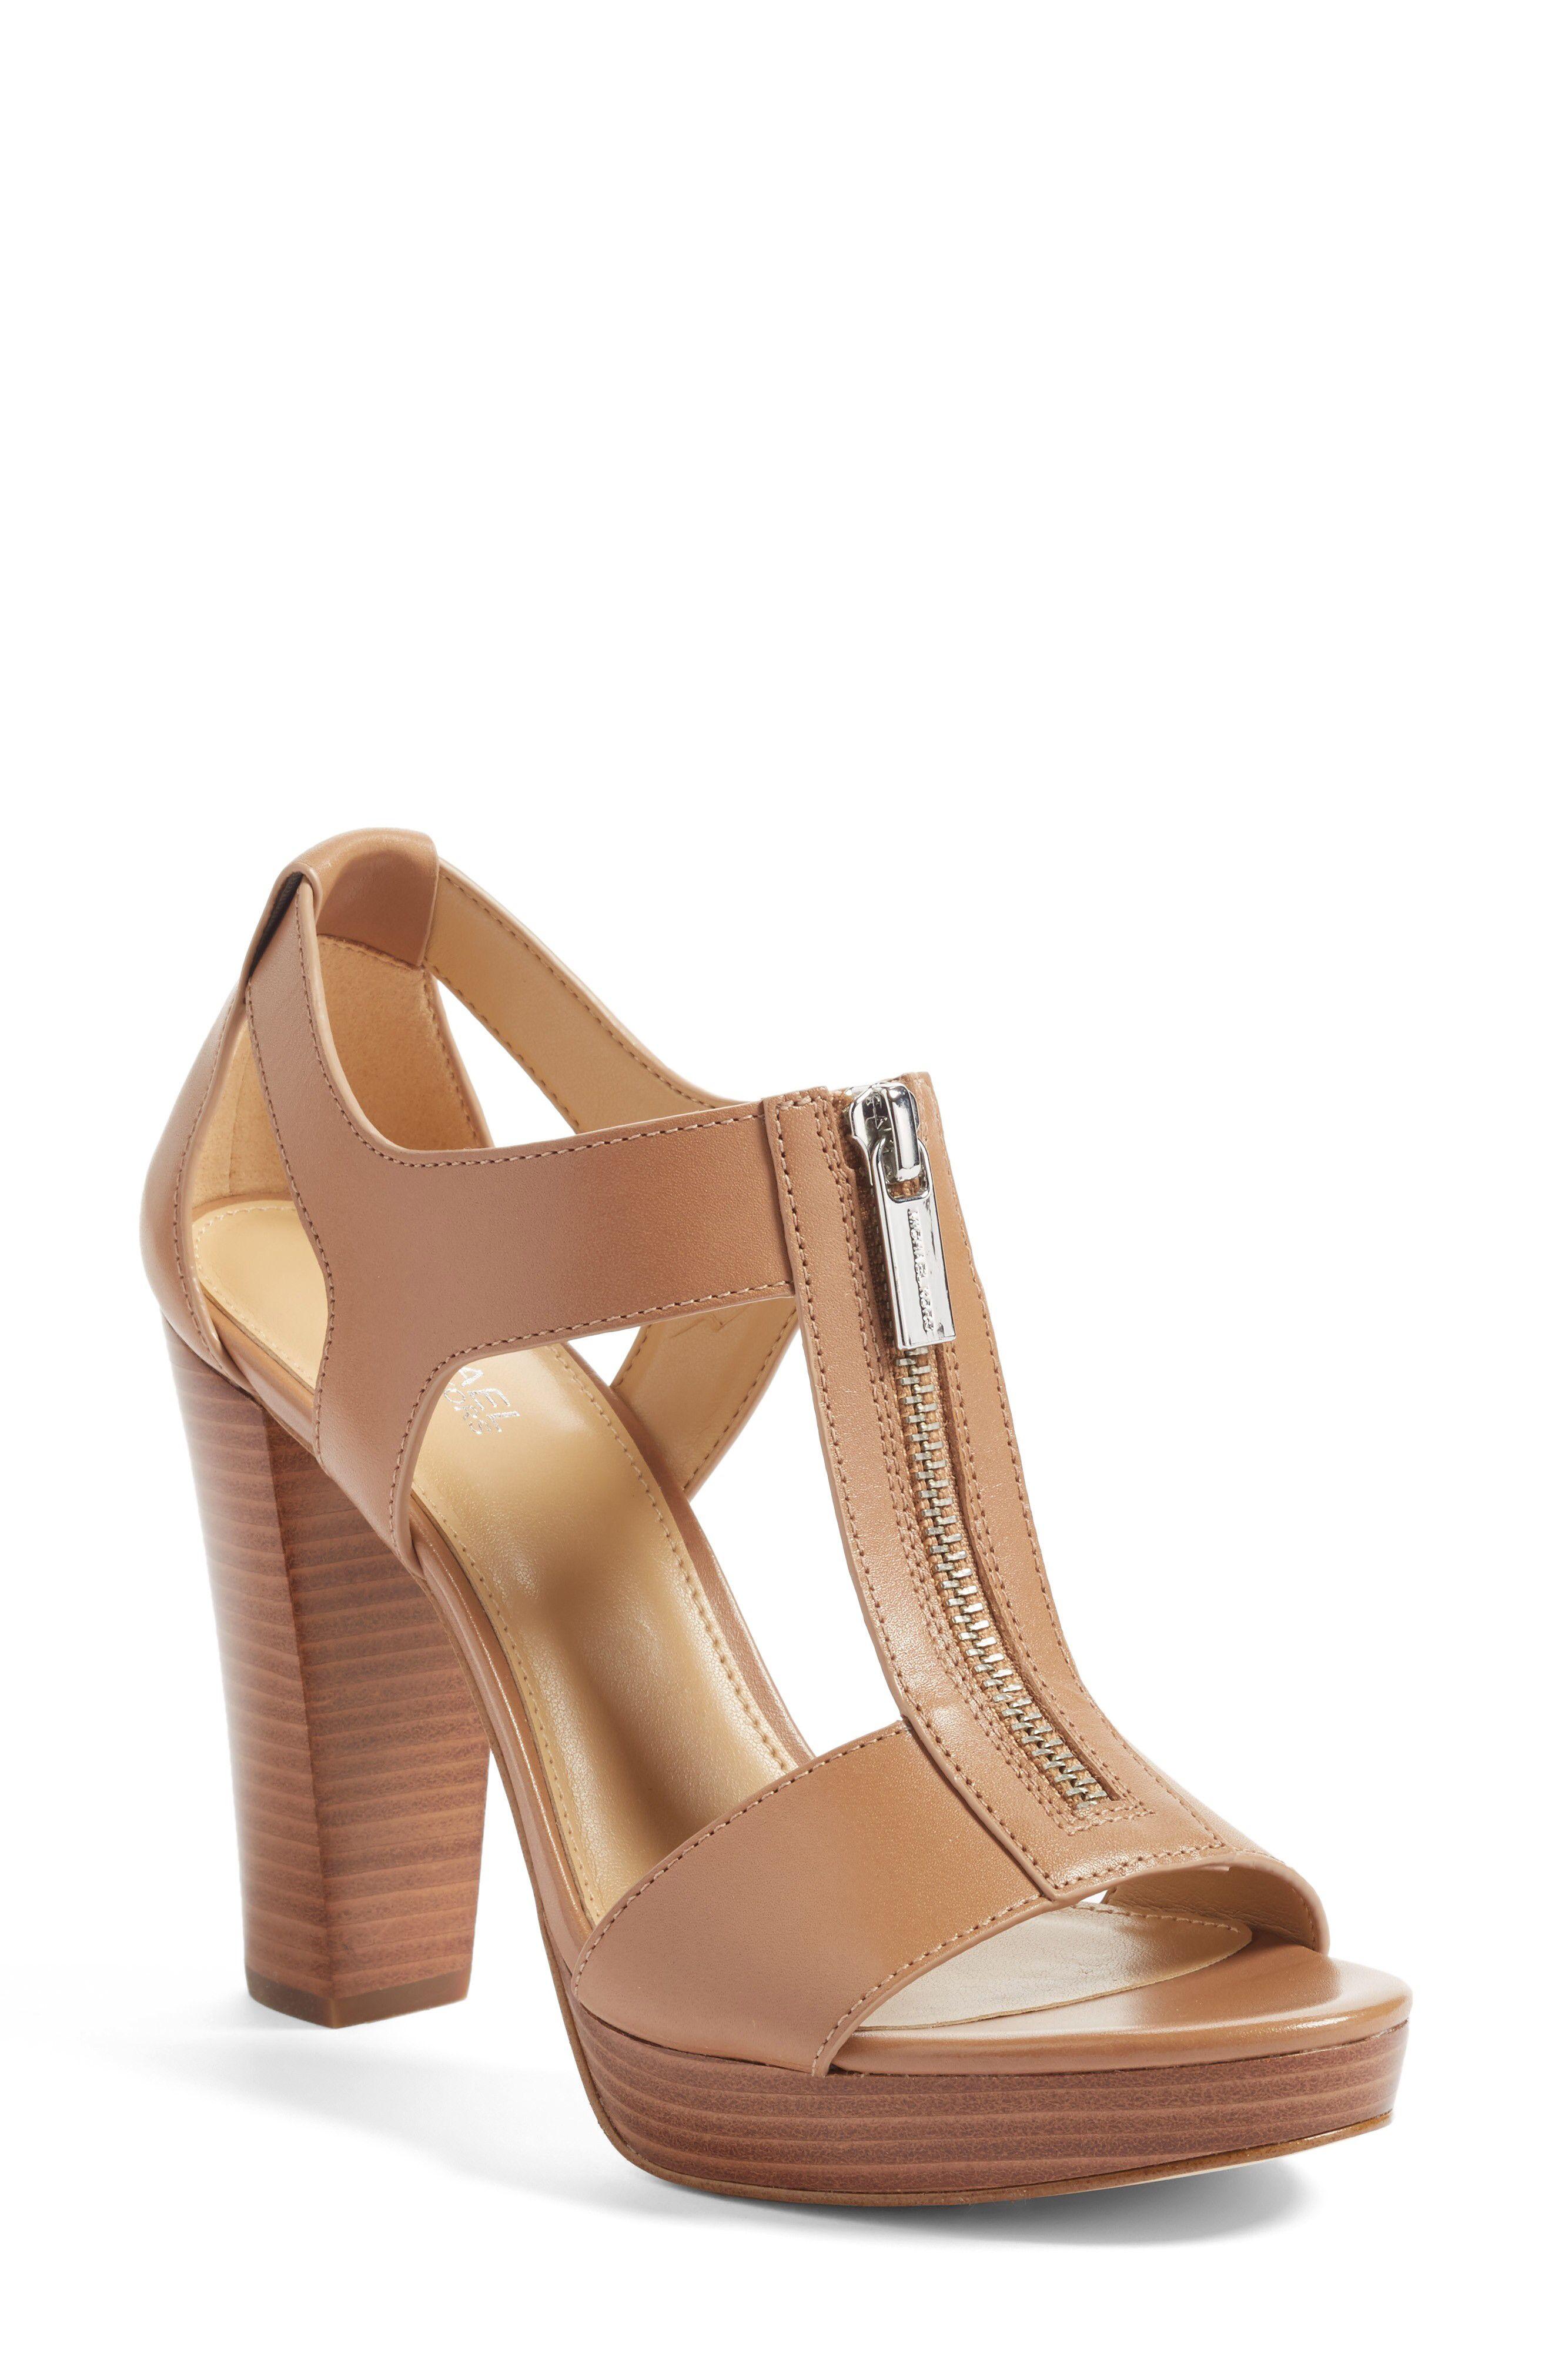 7e4d15e79915 MICHAEL Michael Kors  Berkley  T-Strap Sandal available at  Nordstrom  Women s Jelly